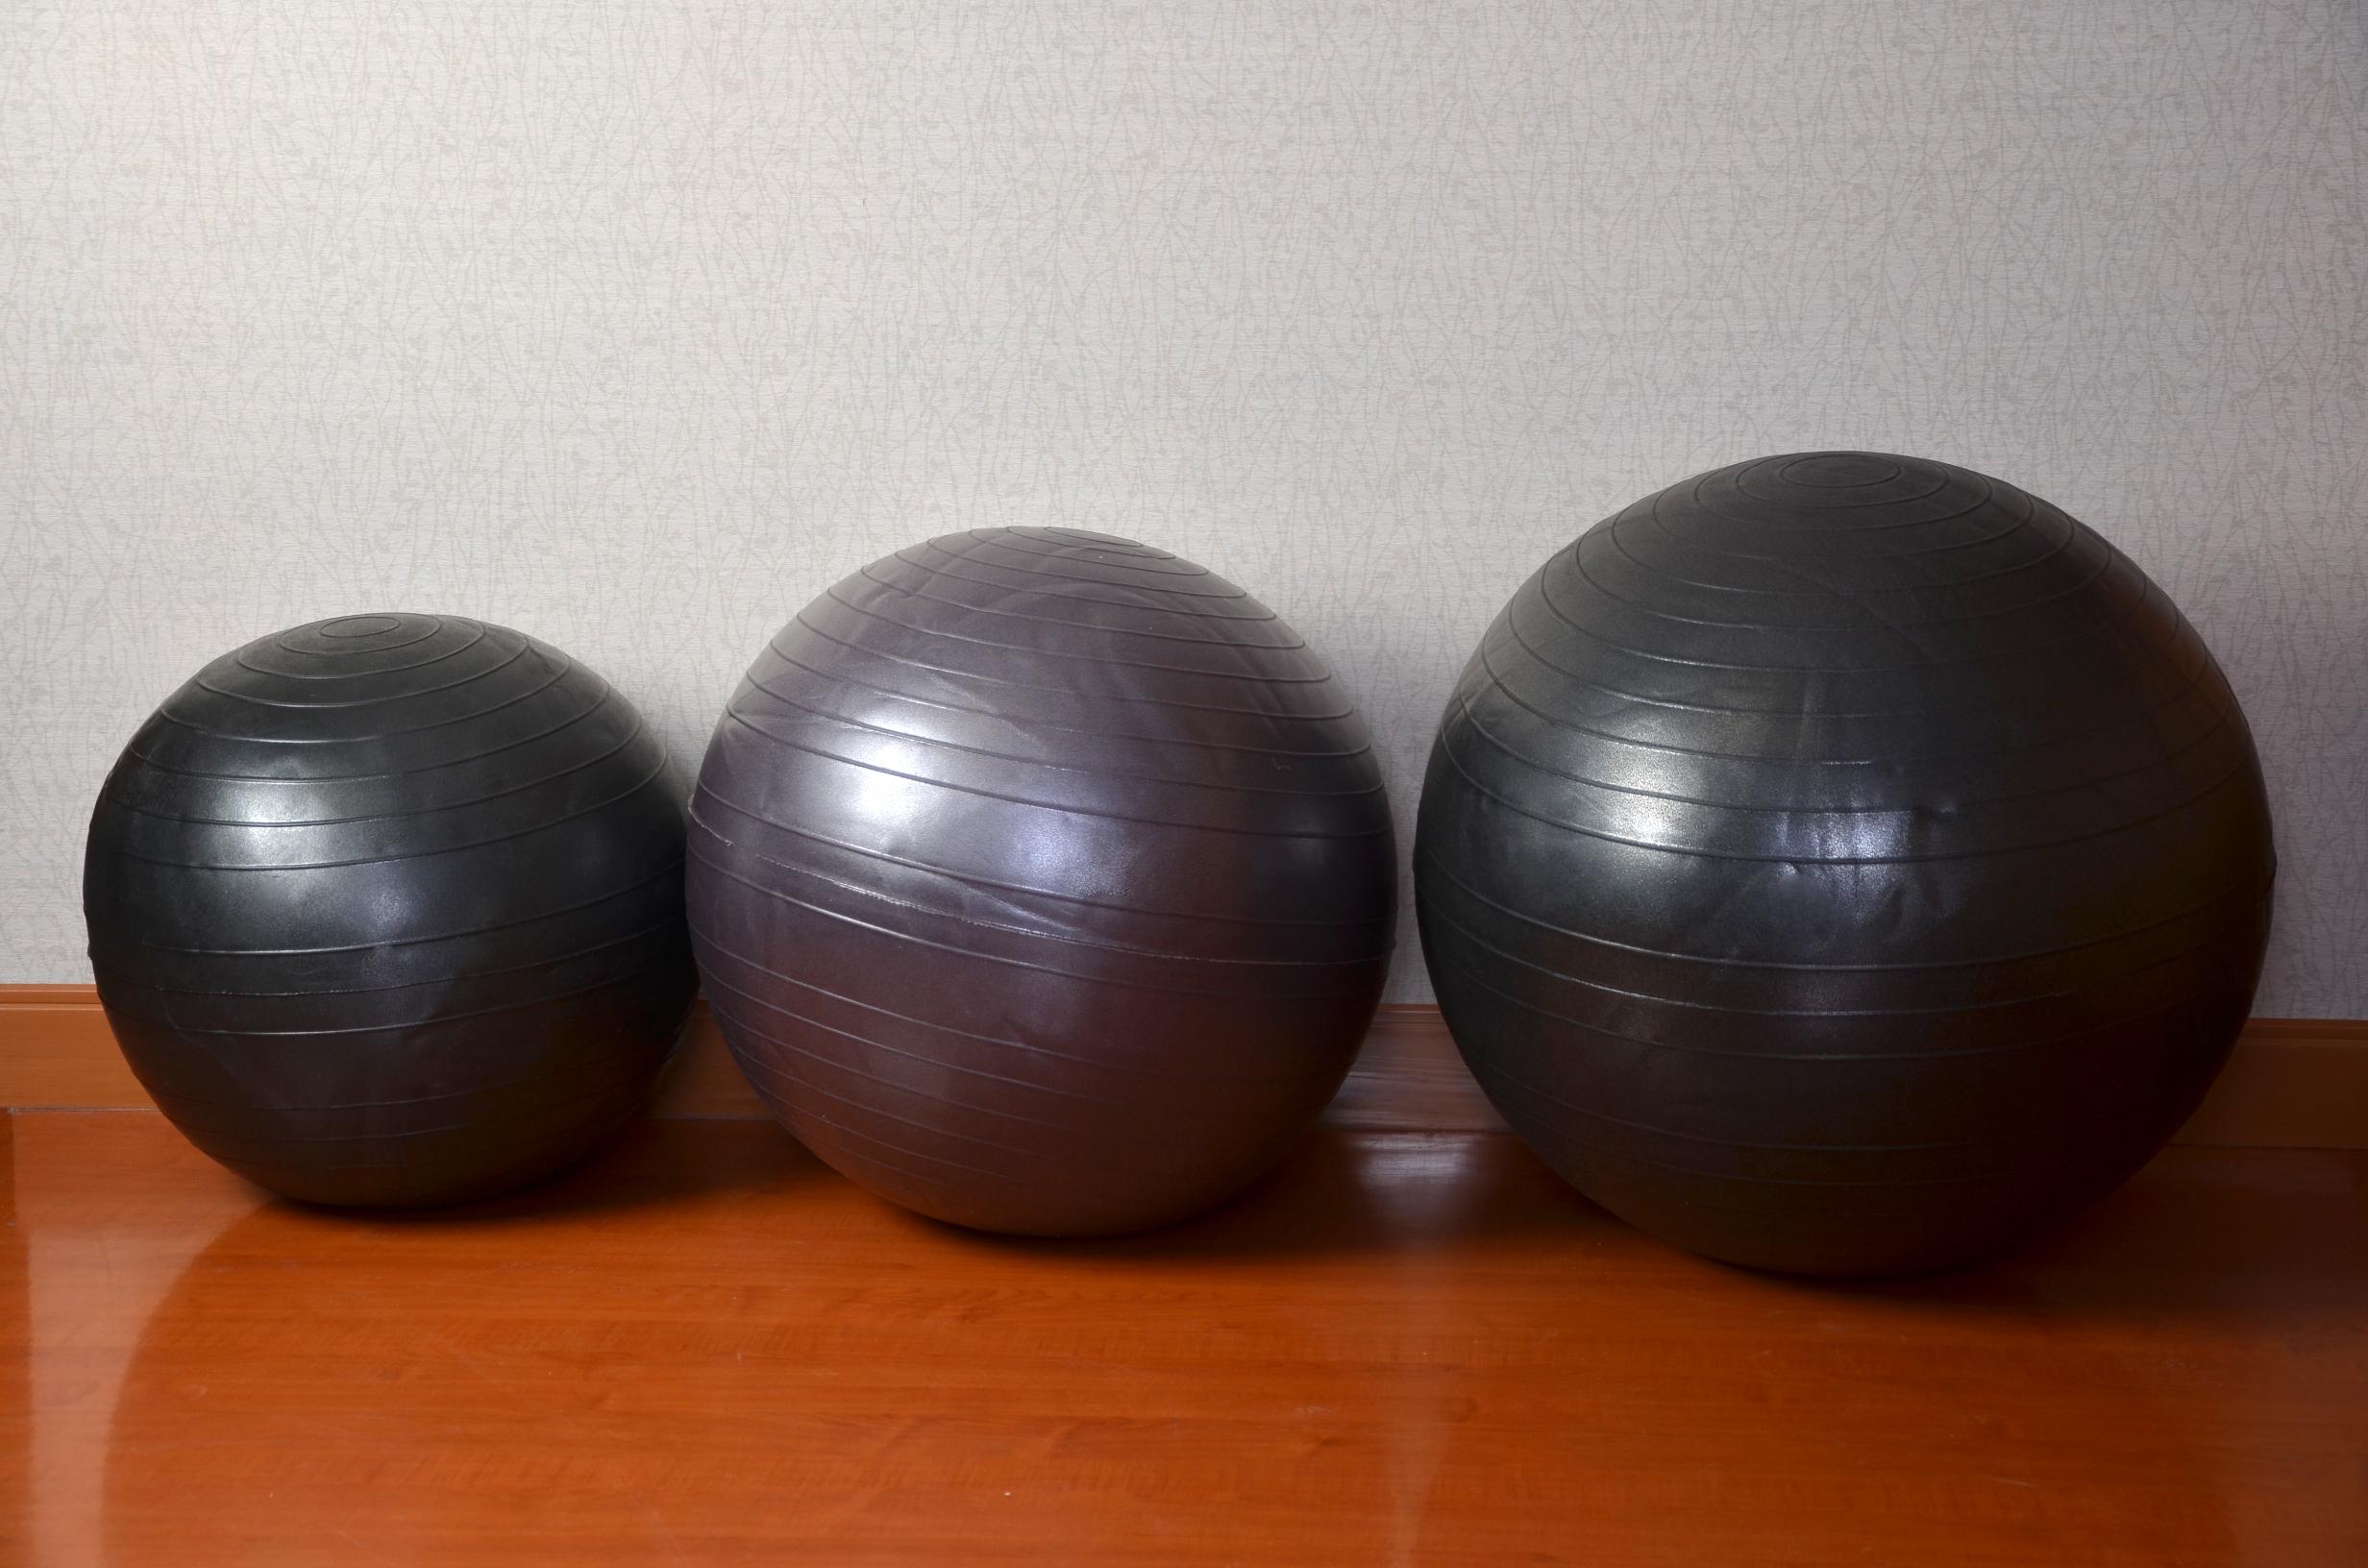 Birth ball memiliki banyak manfaat untuk ibu hamil (Foto: premiumbirthtools.com)